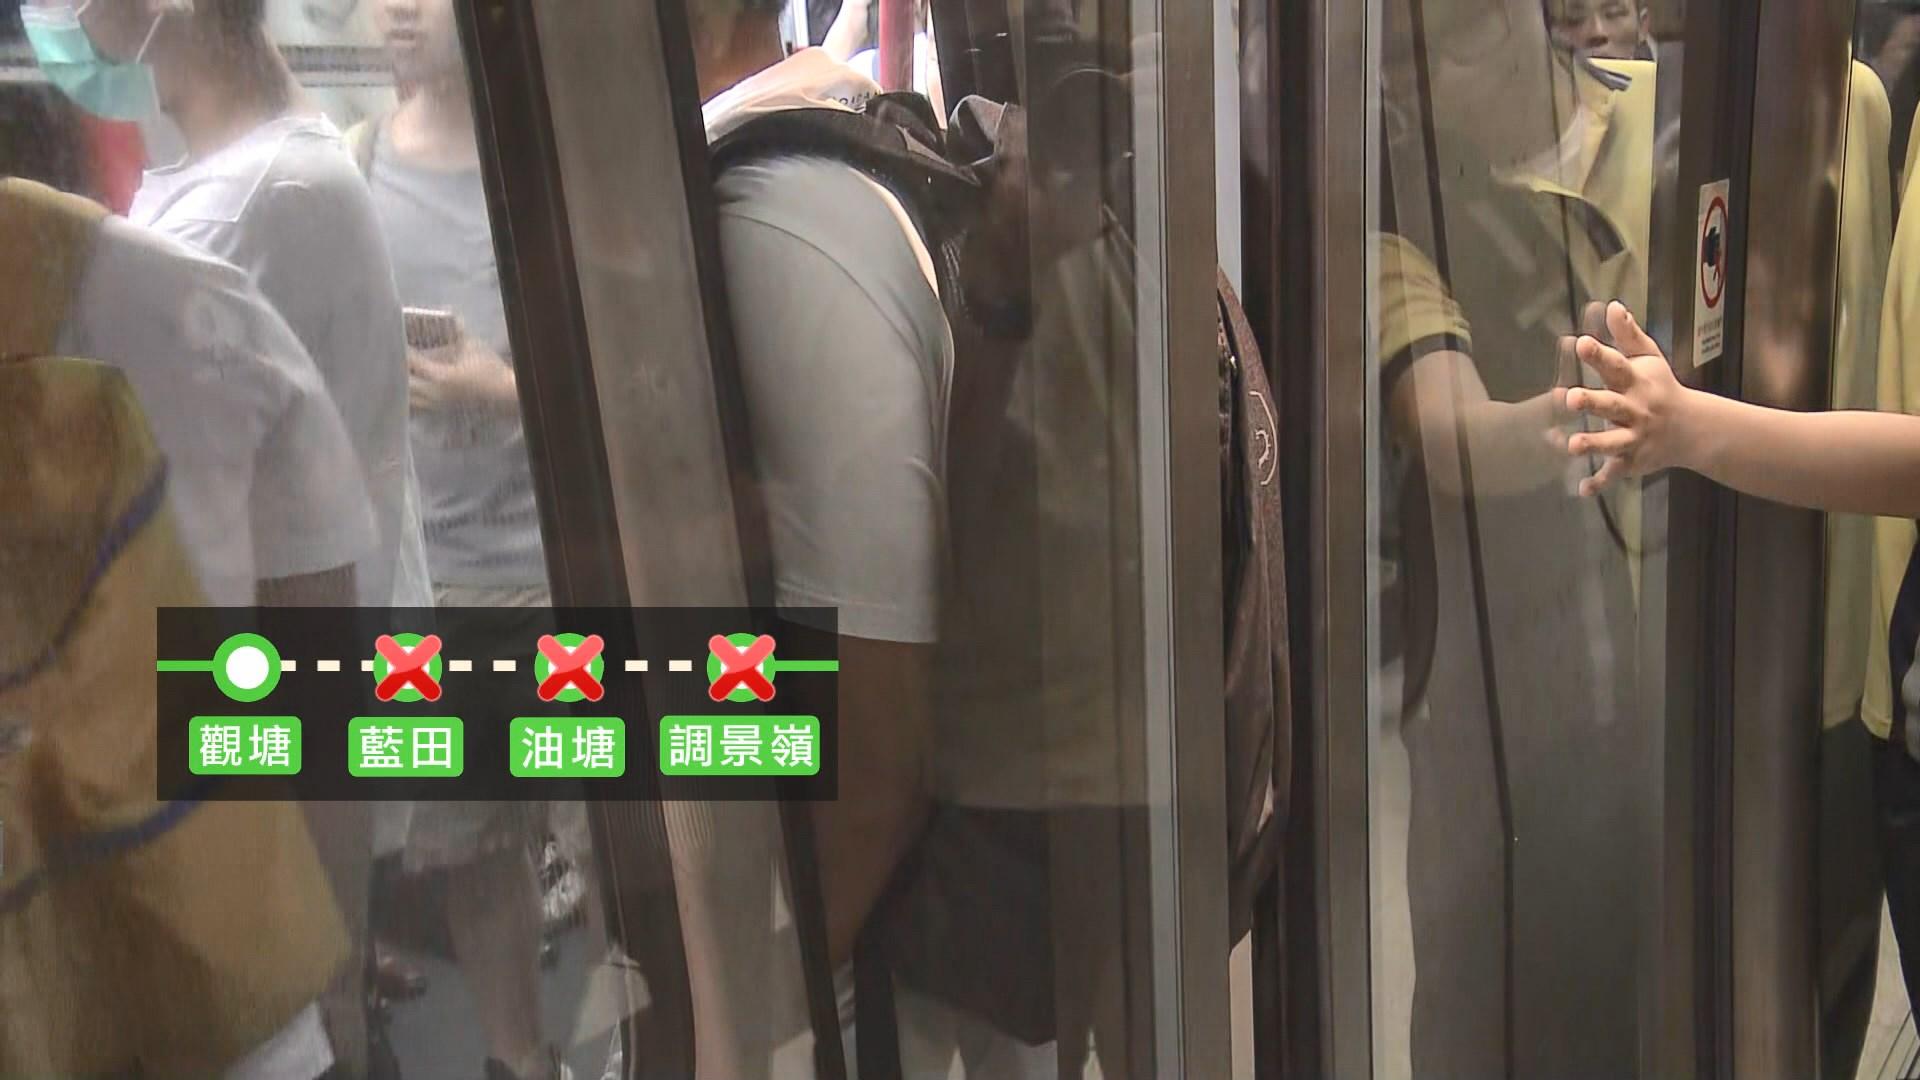 調景嶺站有人阻車門有市民鼓譟不滿上班受阻